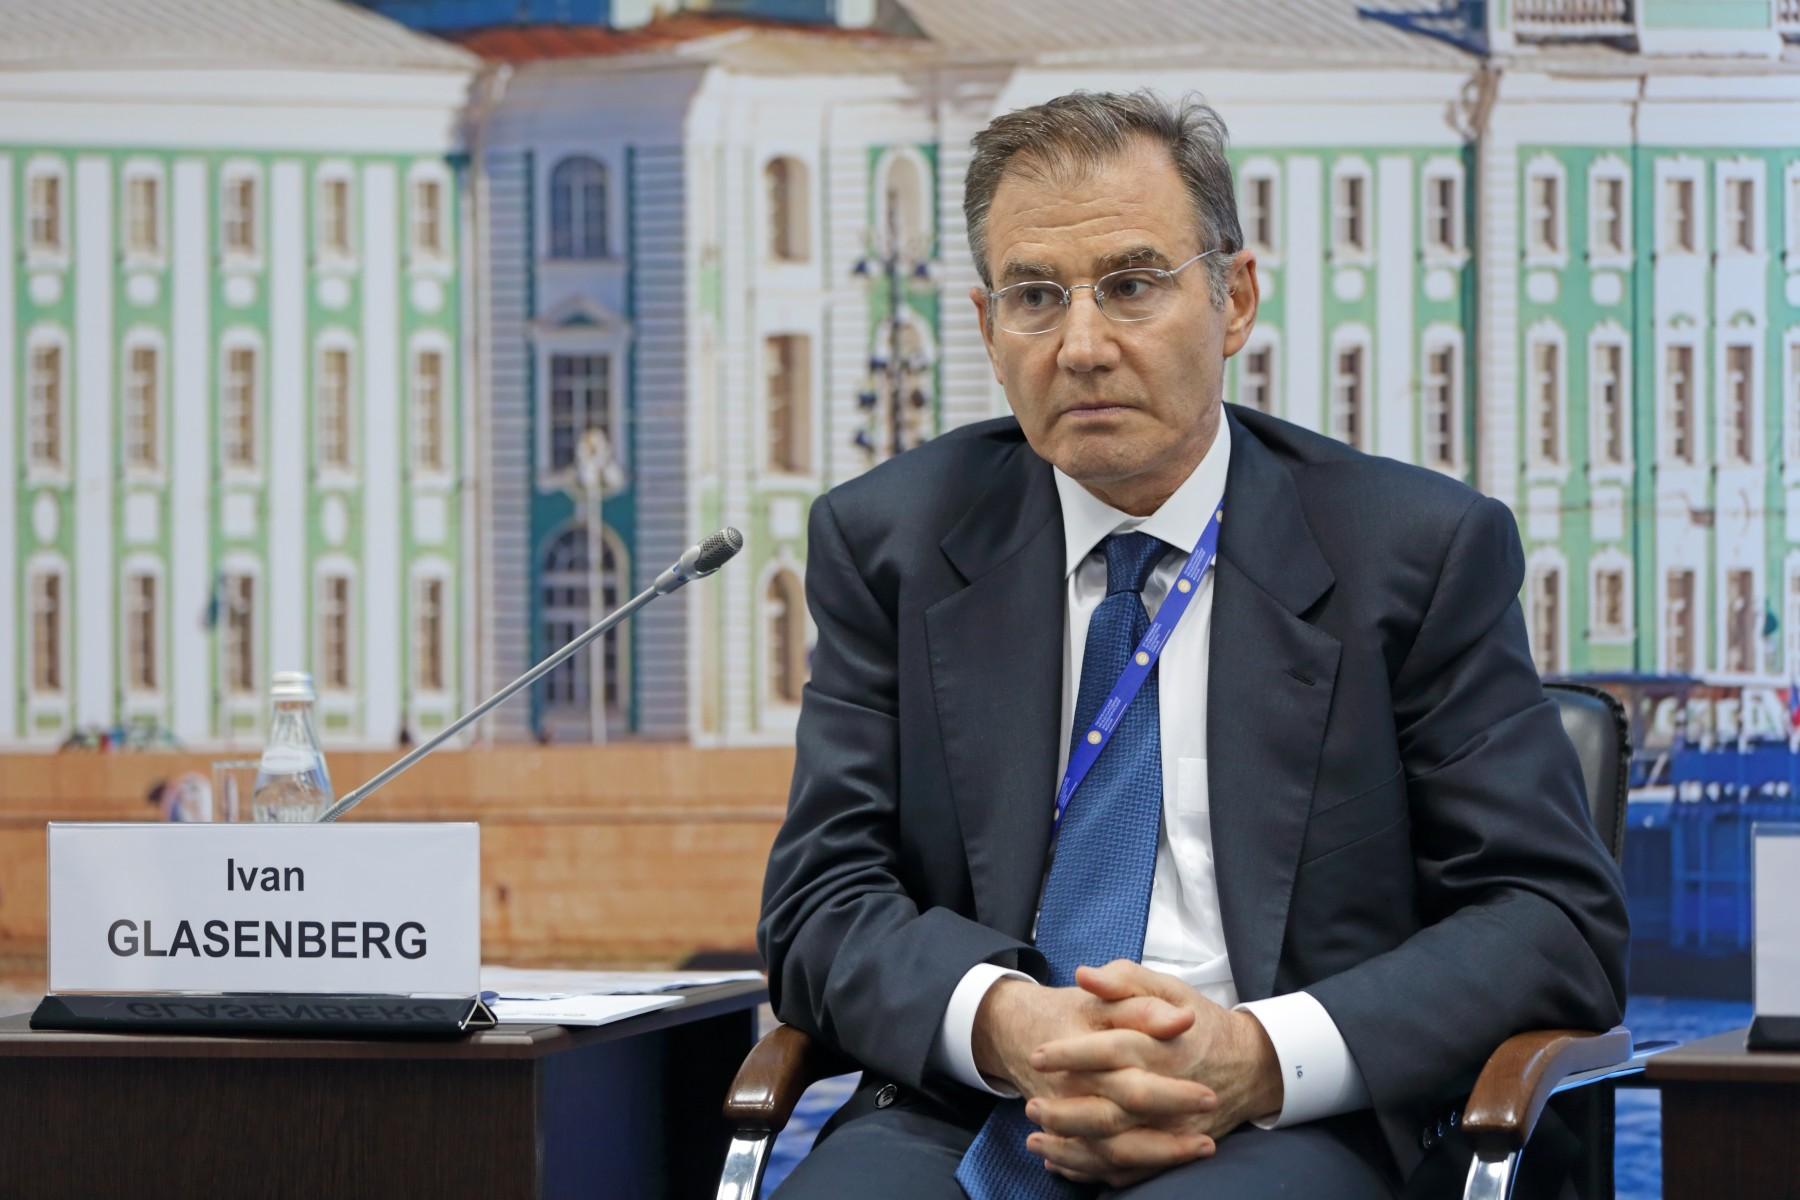 Ivan Glasenberg, Swiss Billionaires